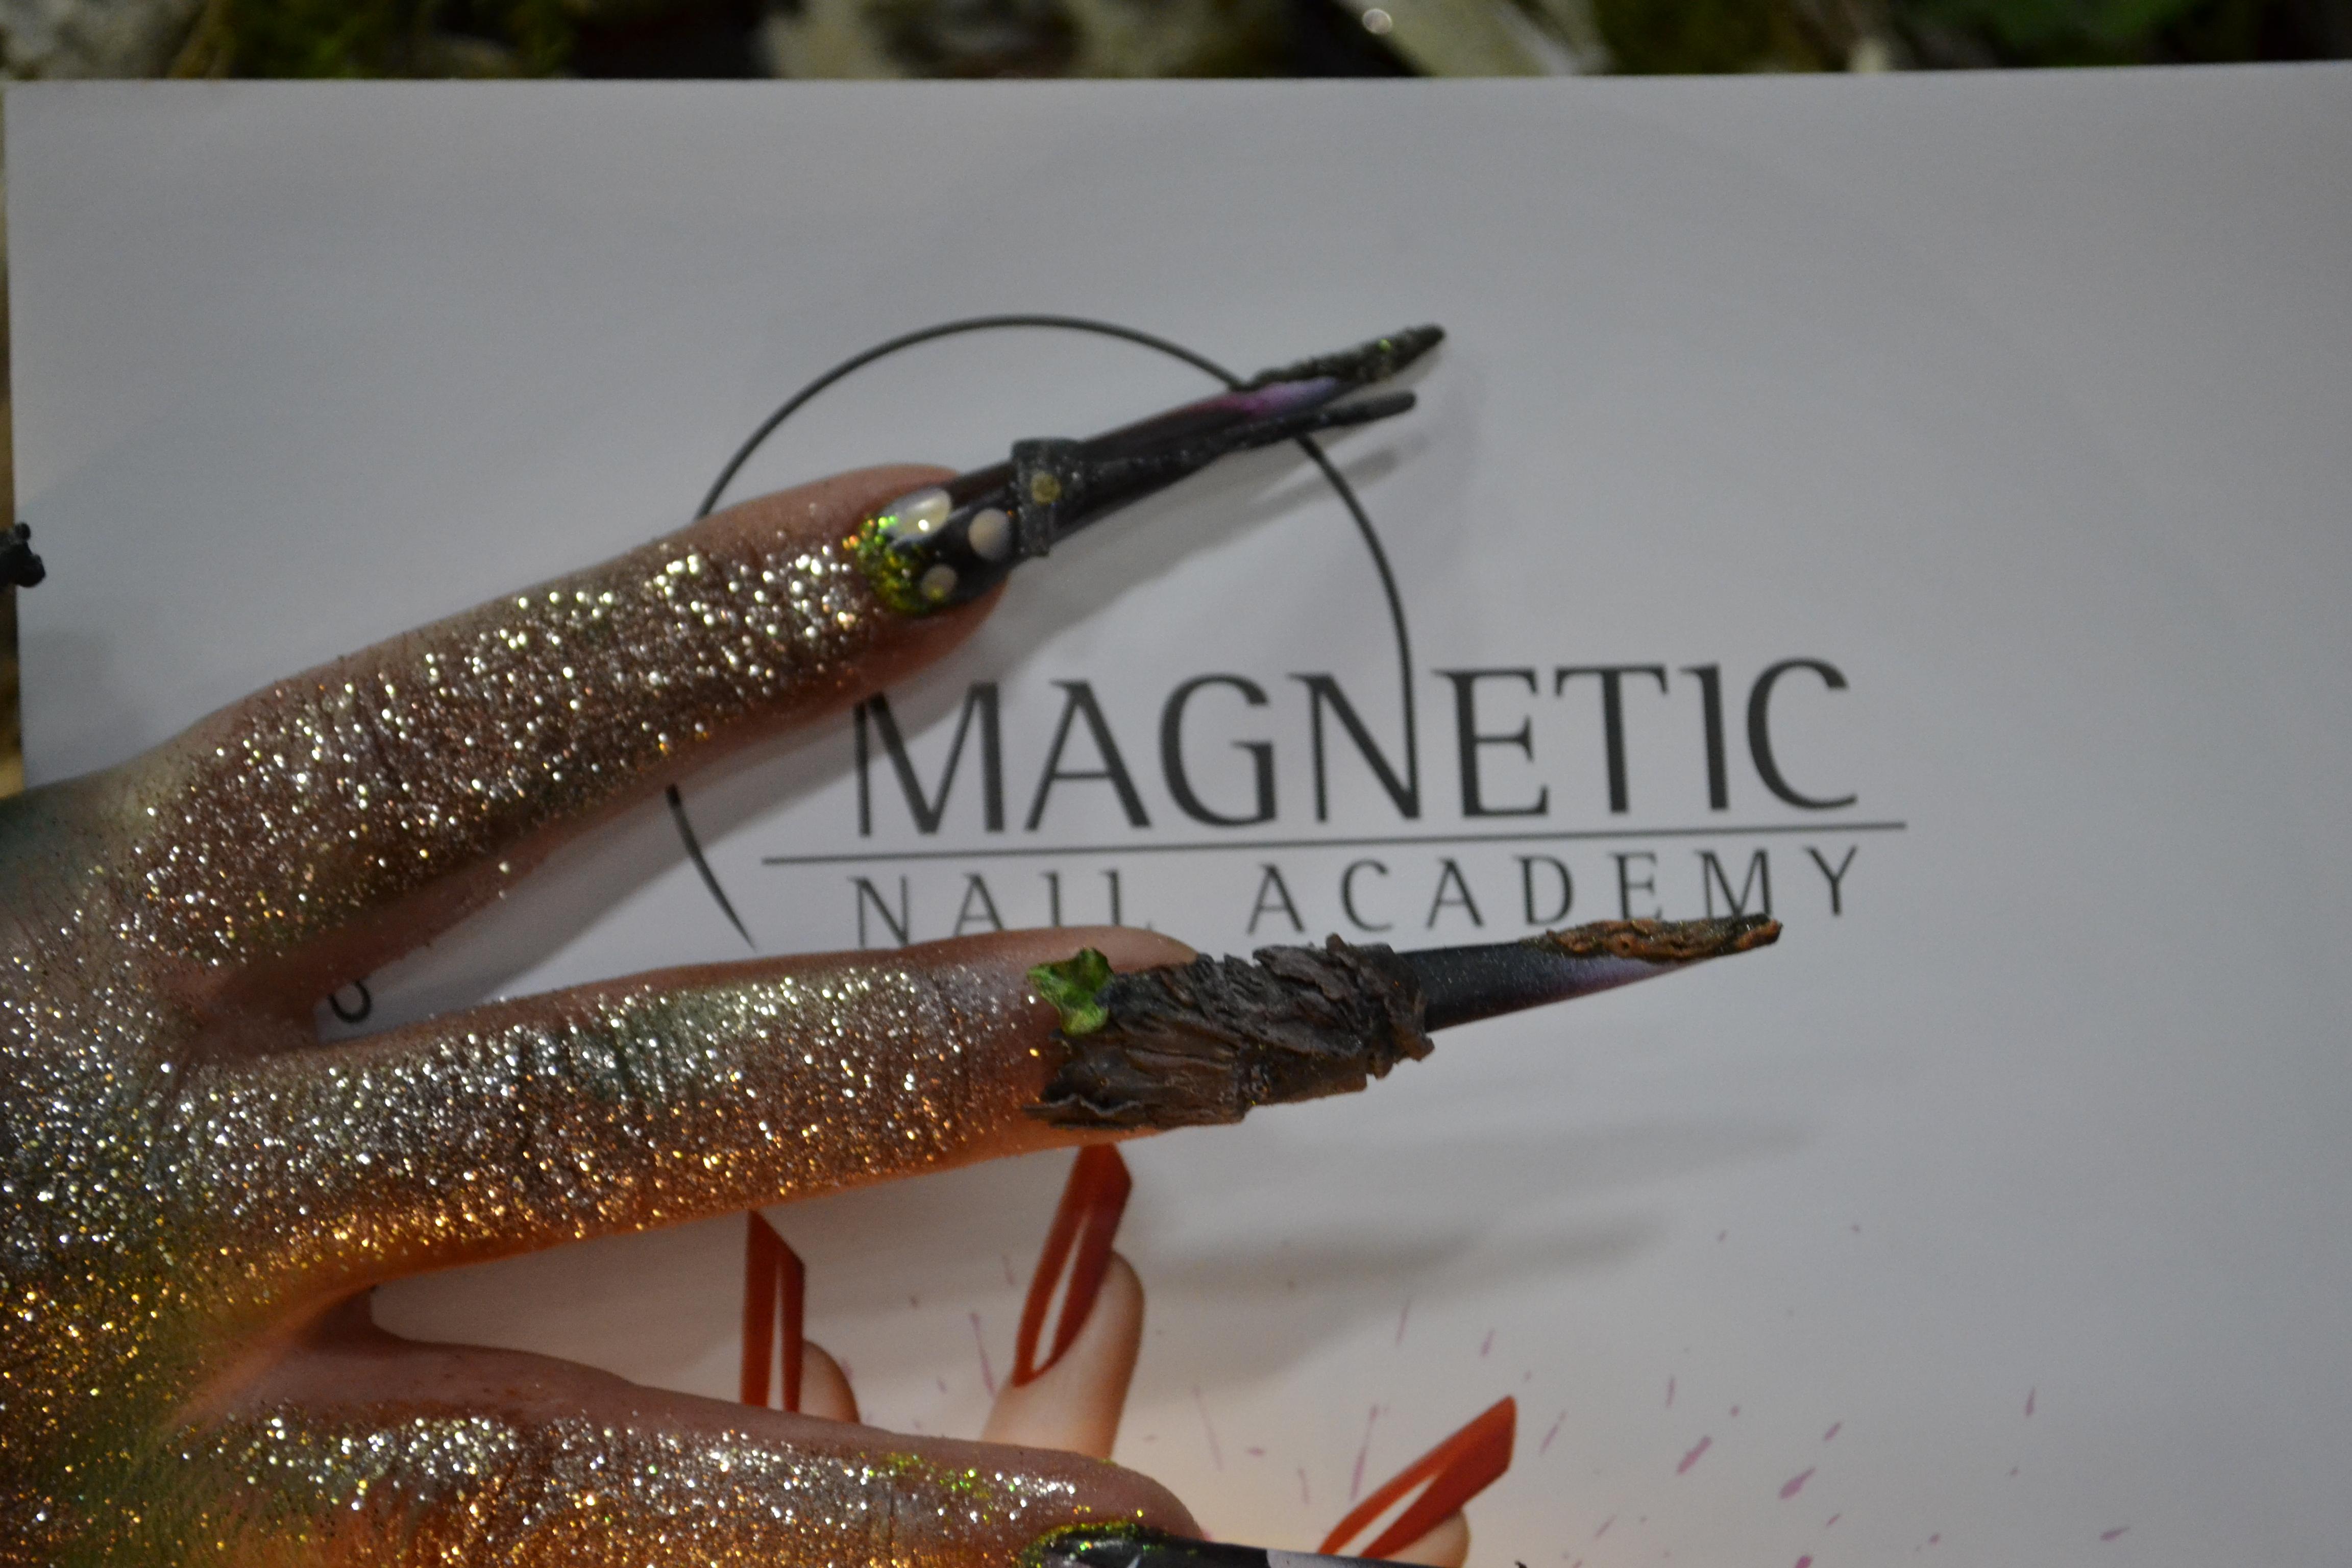 Magnetic Nail Academy Hamburg - Mad Nails & Magnetic Nail Academy ...